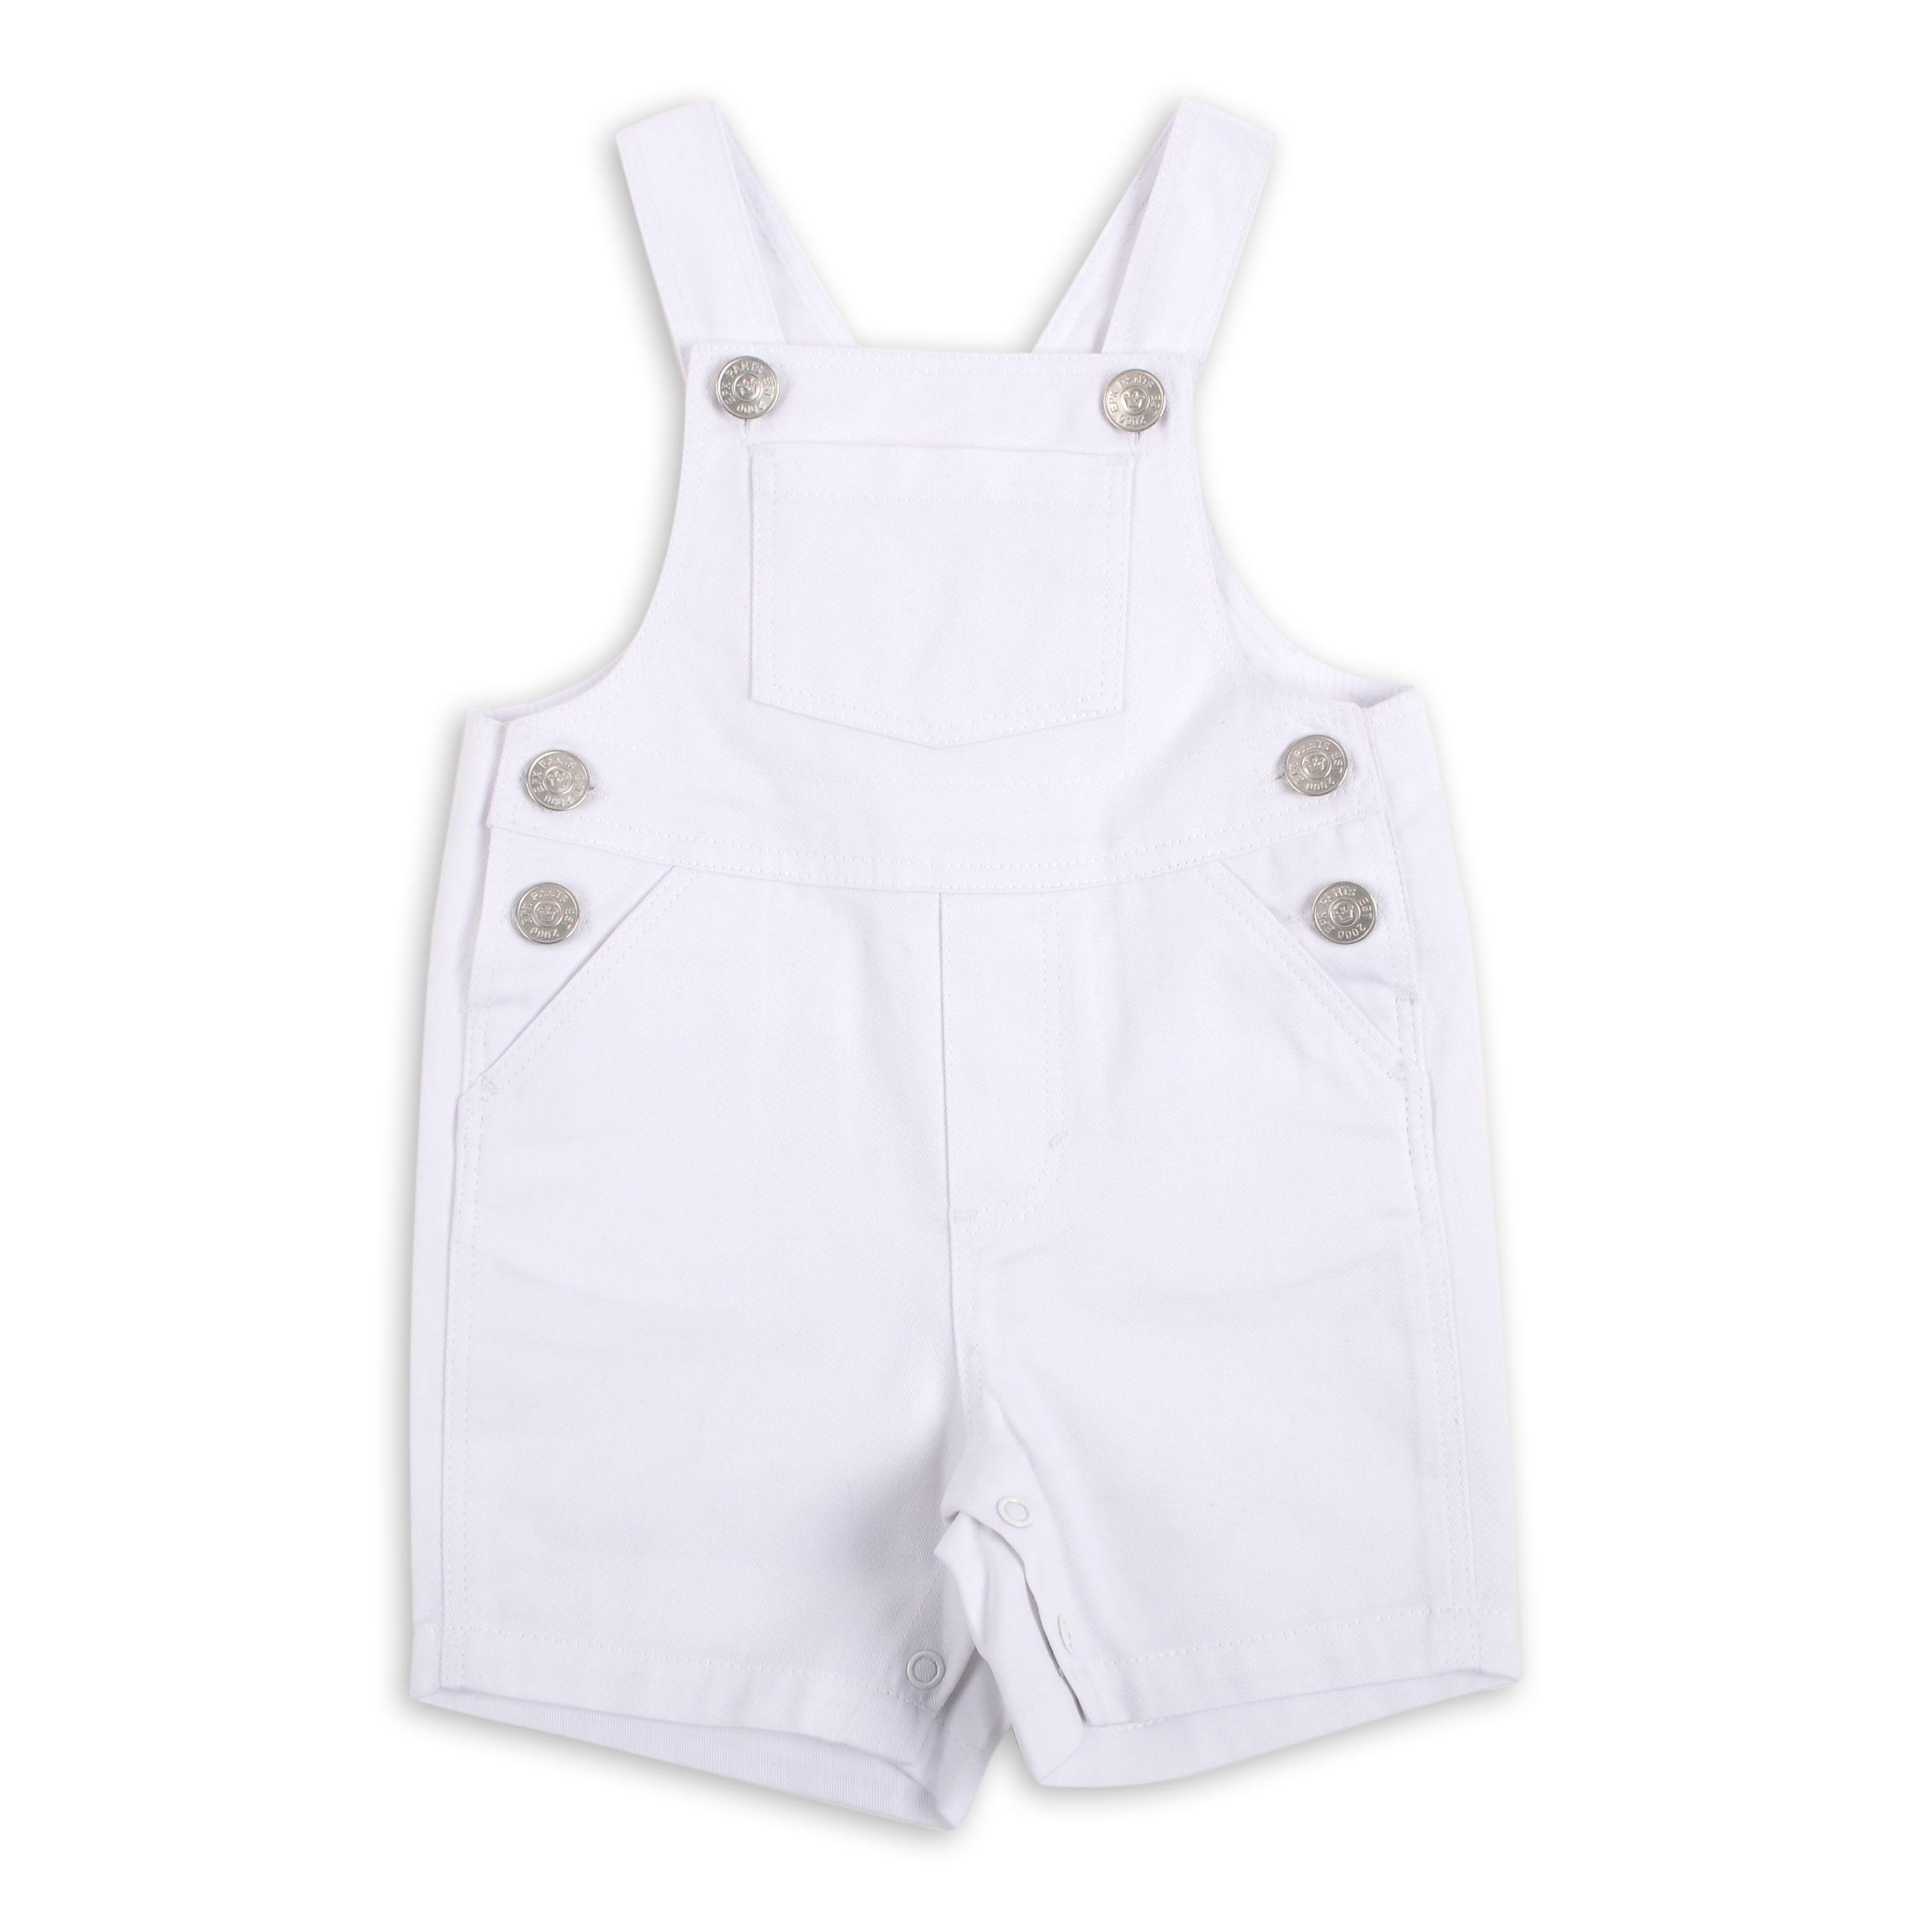 Braga EPK estilo overall para bebe ni±o en color blanco